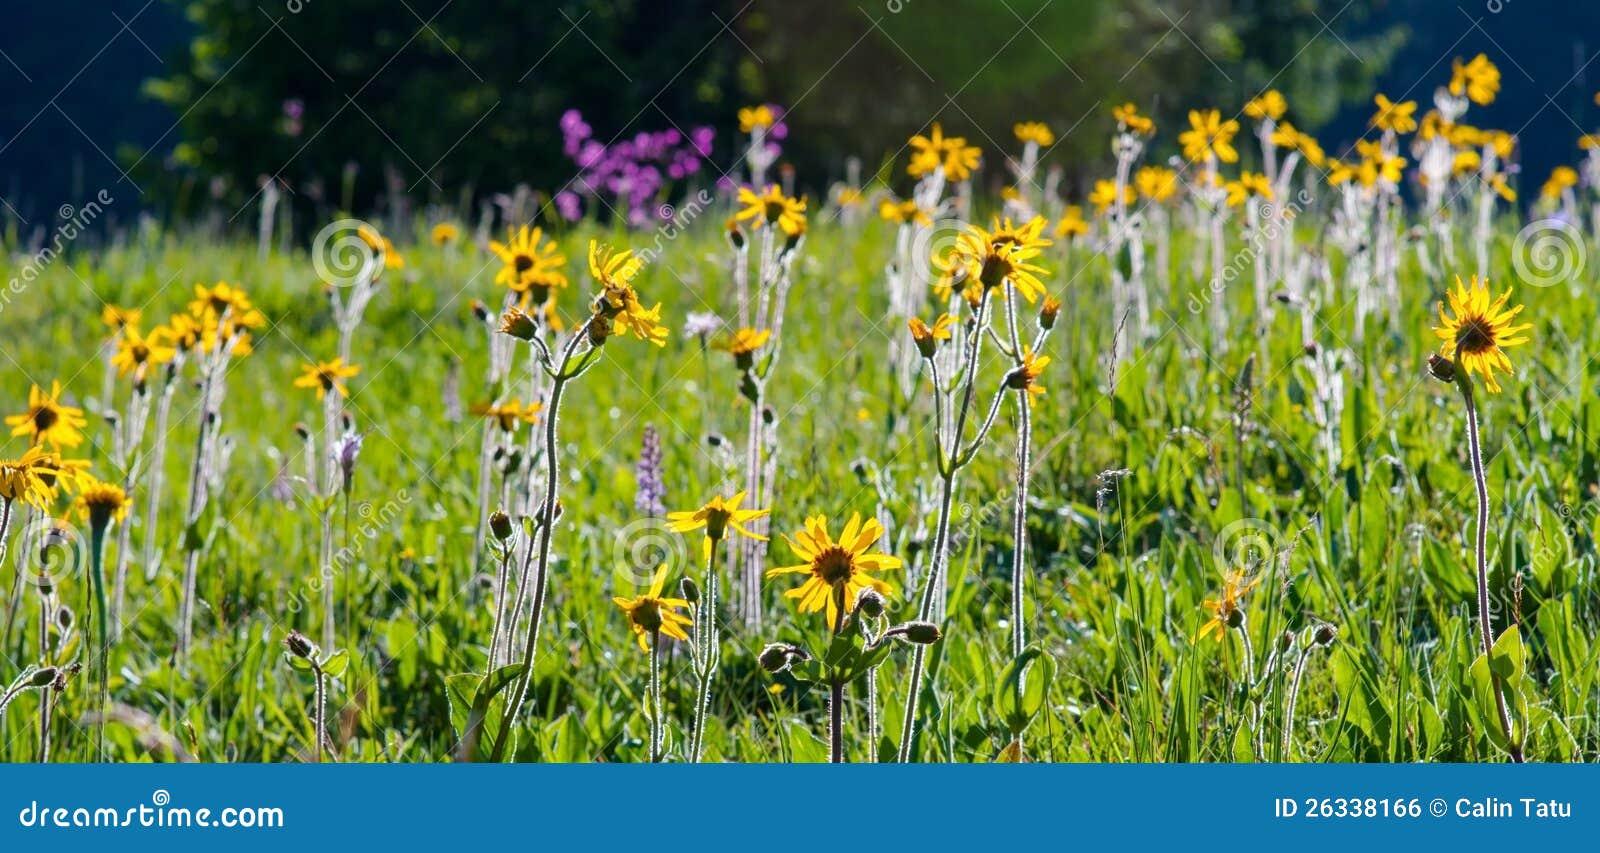 De Flores En La Montana: Flores Hermosas De La Primavera En Un Bosque De La